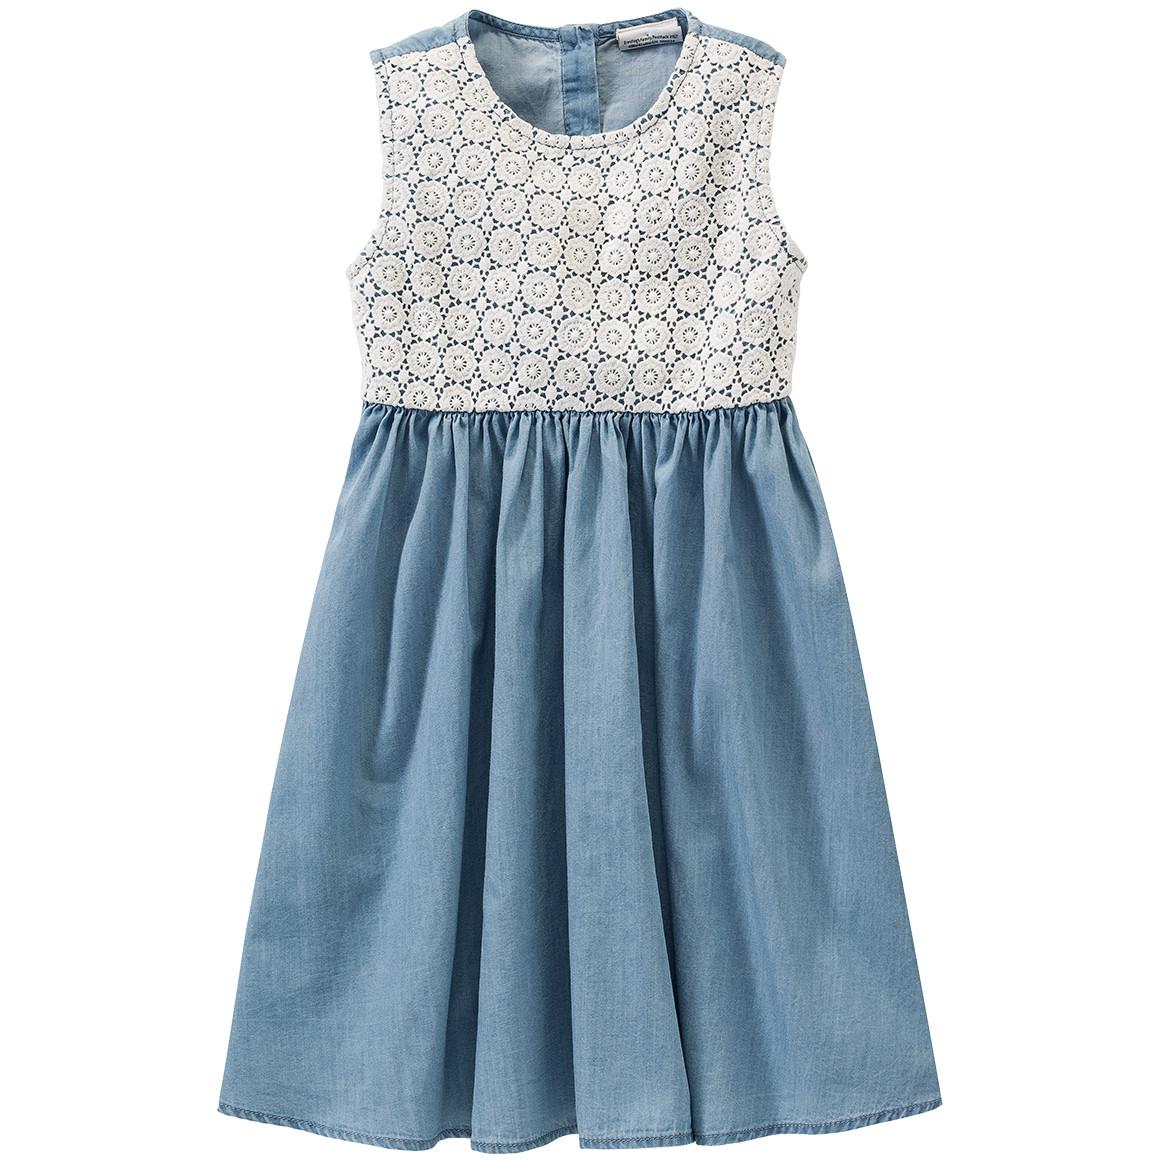 Mädchen Kleid mit Spitzenbesatz